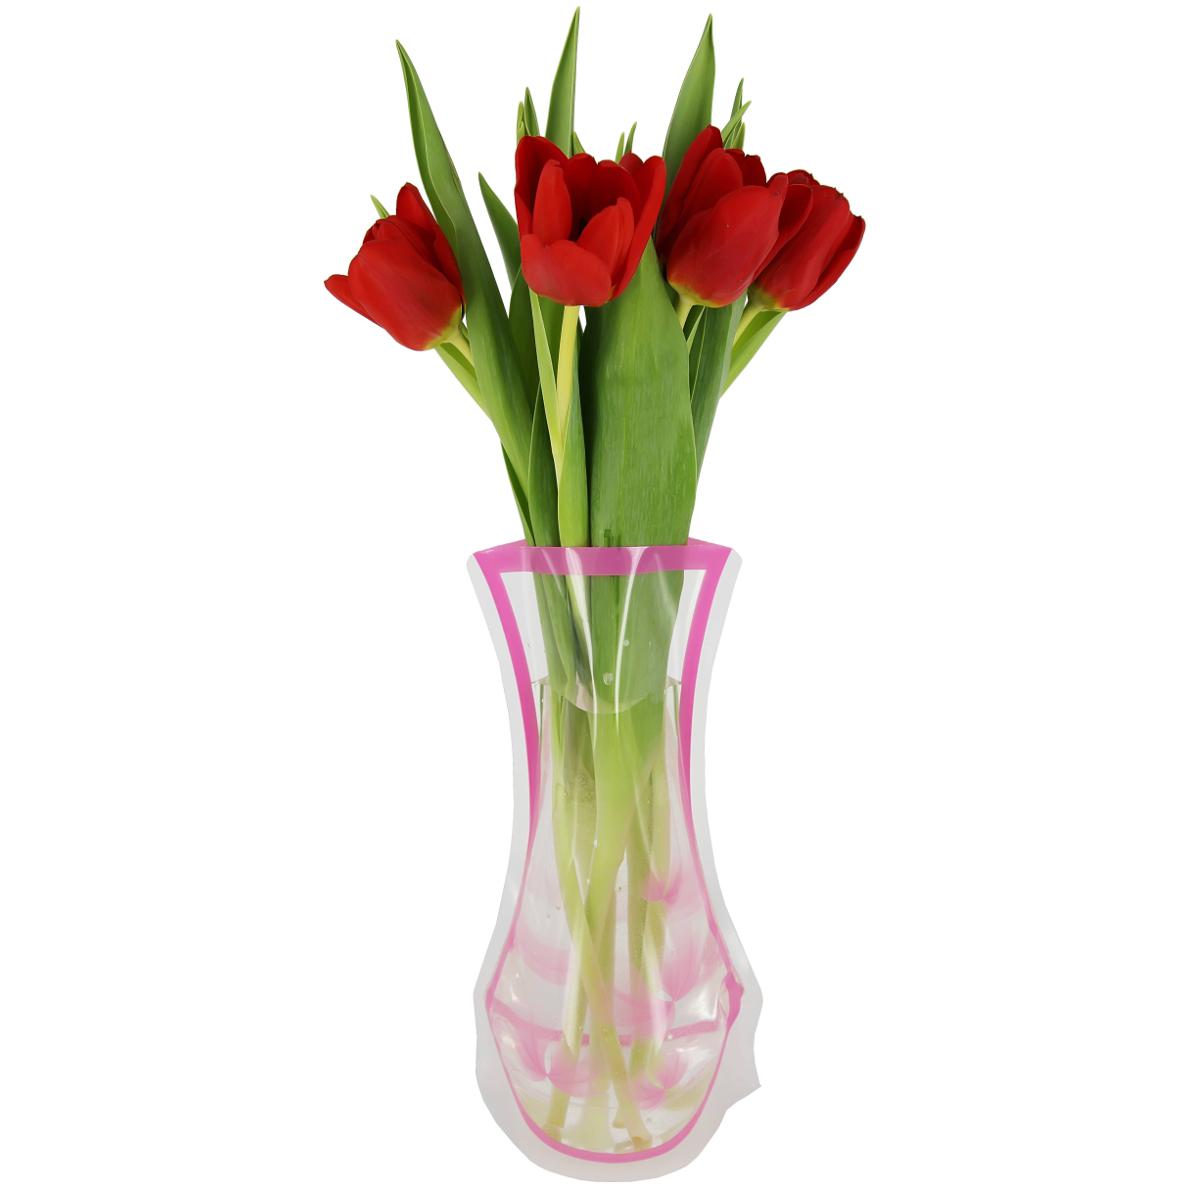 Ваза МастерПроф Розовые лепестки, пластичная, 1,2 лFS-80423Пластичная ваза Розовые лепестки легко складывается, удобно хранится - занимает мало места, долго служит. Всегда пригодится дома, в офисе, на даче, для оформления различных мероприятий. Отлично подойдет для перевозки цветов, или просто в подарок.Инструкция: 1. Наполните вазу теплой водой;2. Дно и стенки расправятся;3. Вылейте воду;4. Наполните вазу холодной водой;5. Вставьте цветы.Меры предосторожности:Хранить вдали от источников тепла и яркого солнечного света. С осторожностью применять для растений с длинными стеблями и с крупными соцветиями, что бы избежать опрокидывания вазы.